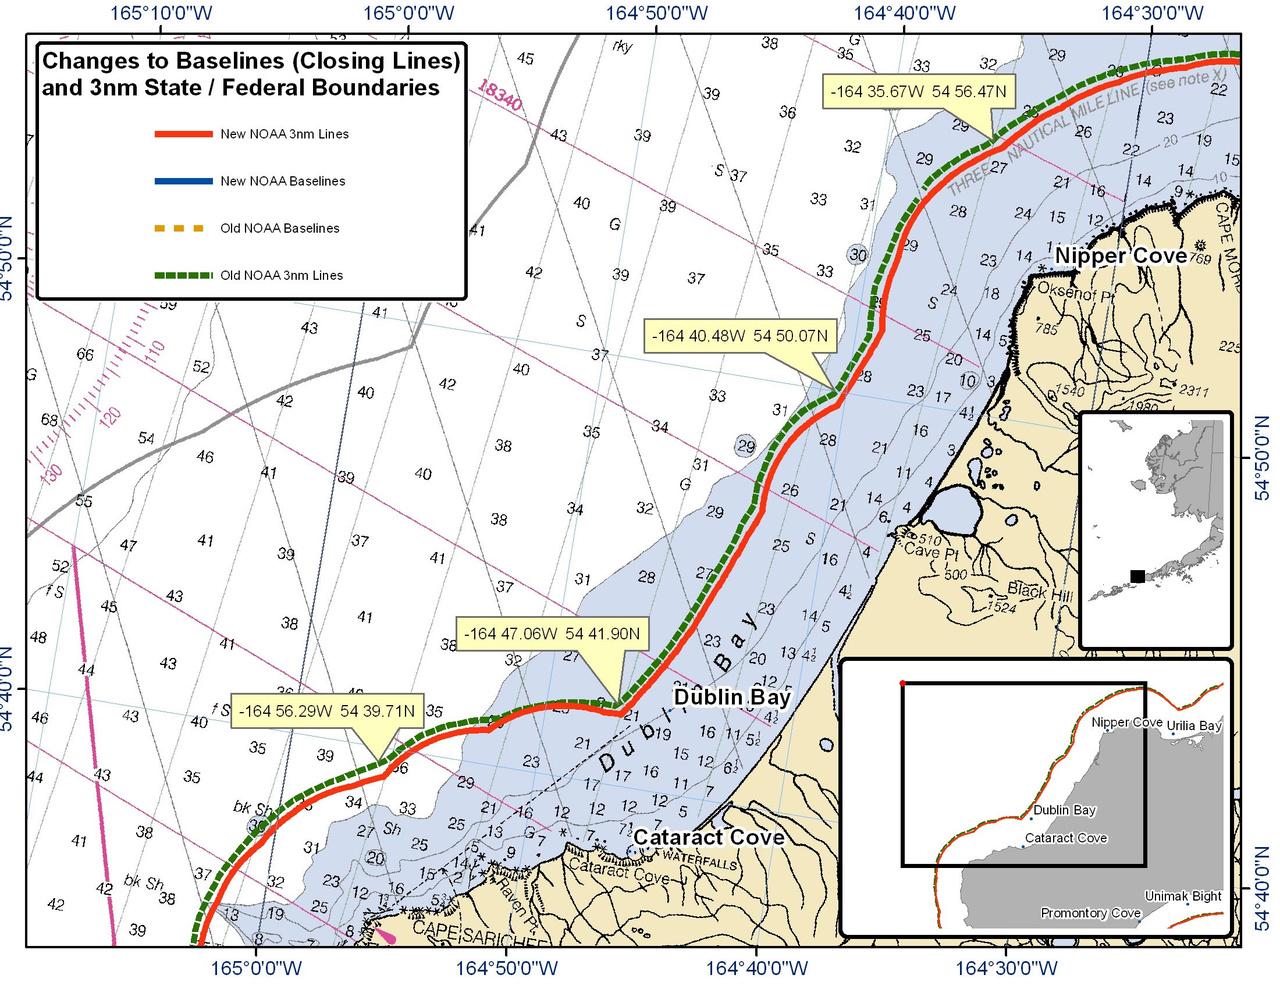 Chart for Dublin Bay